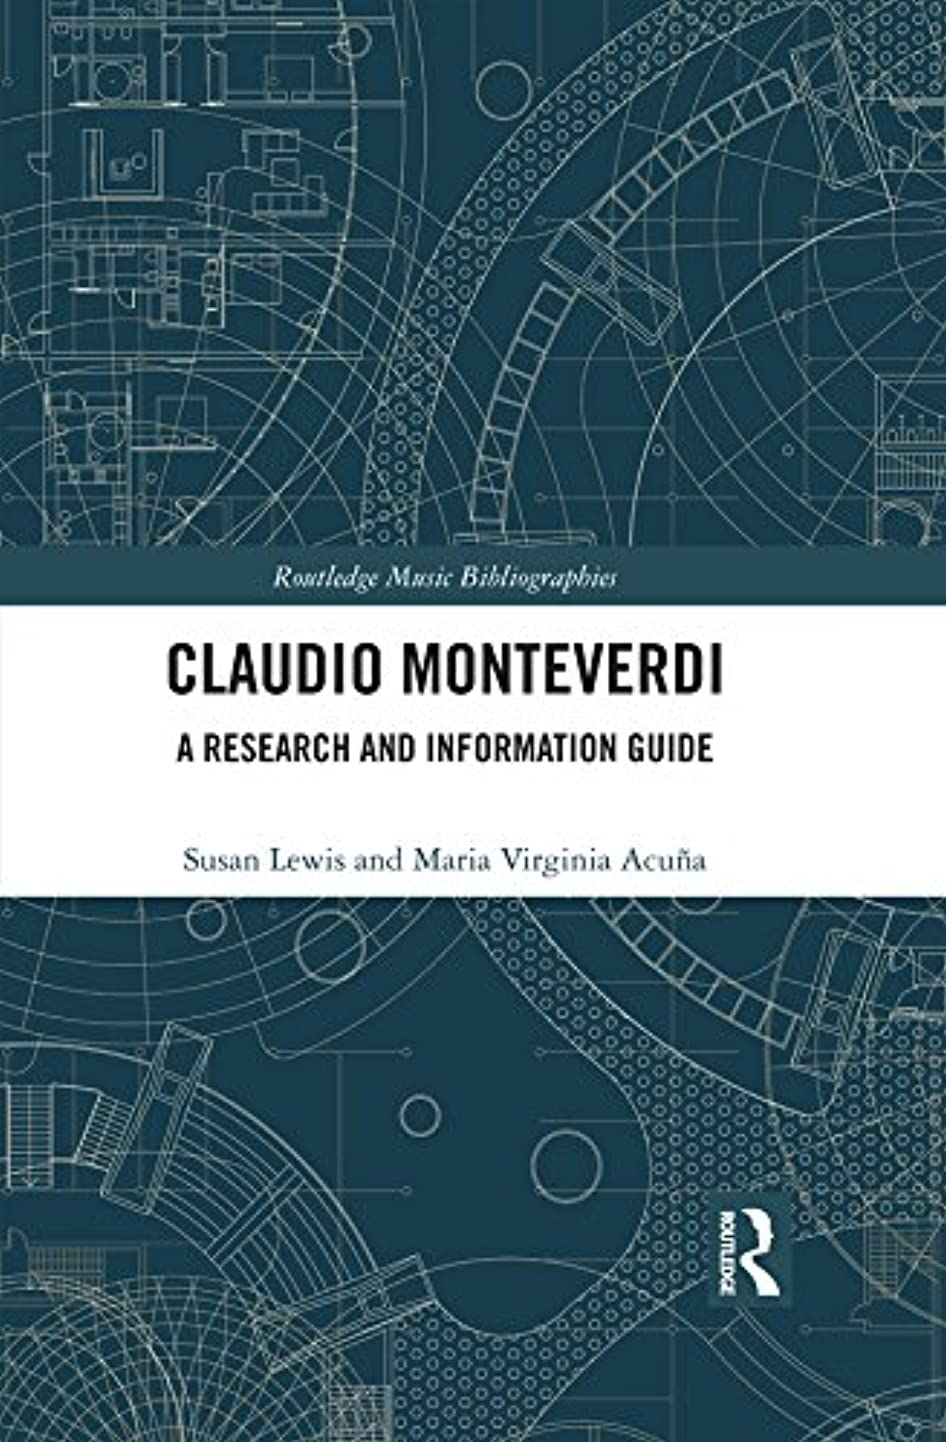 乱れ昆虫行進Claudio Monteverdi: A Research and Information Guide (Routledge Music Bibliographies) (English Edition)